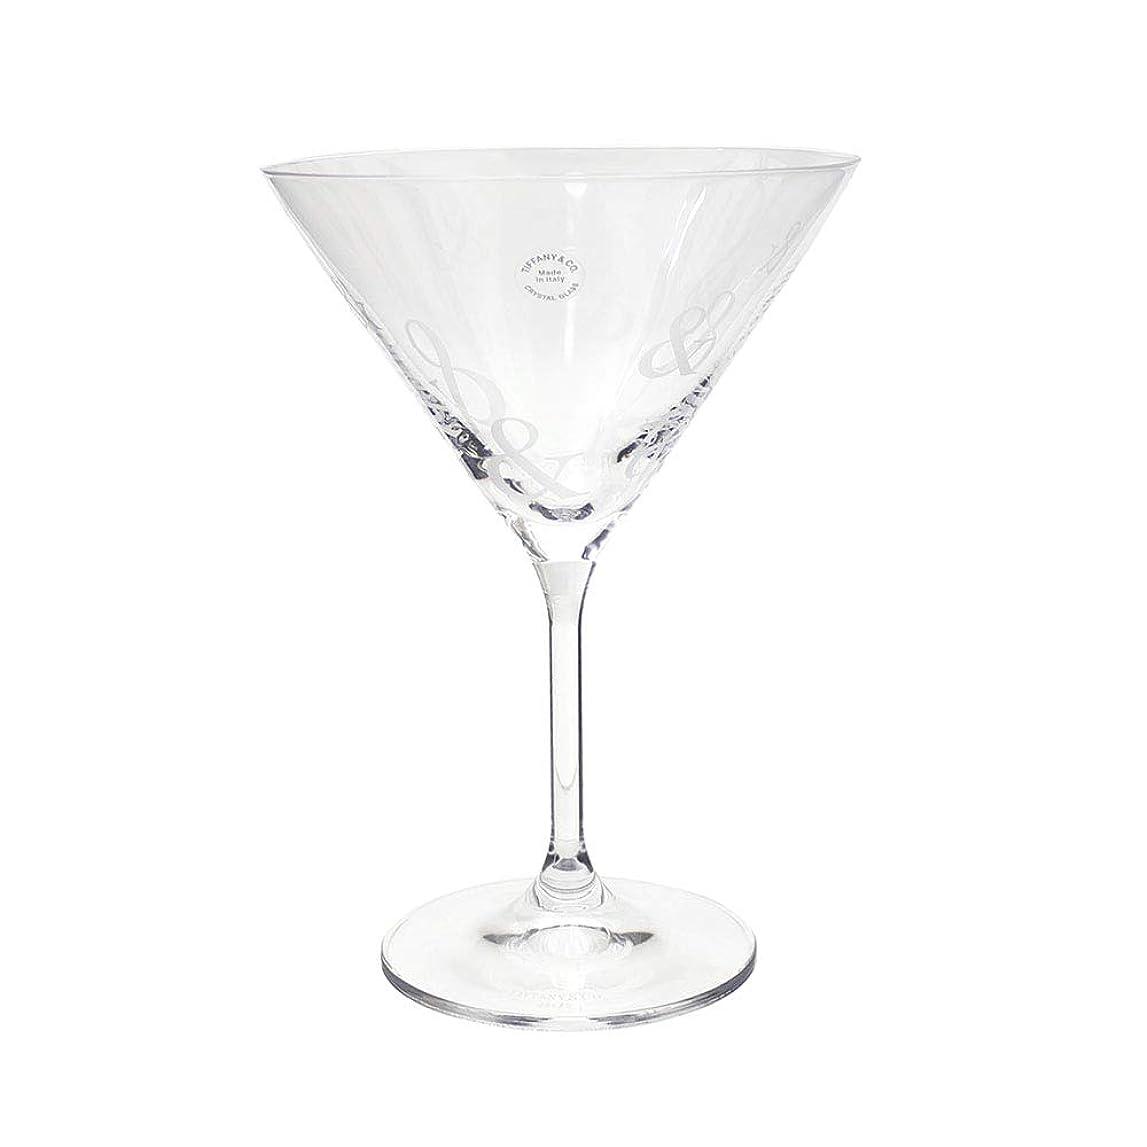 スピンどんなときも創始者新品 ティファニー TIFFANY&CO. クリスタル マティーニ グラス カクテルグラス CLEAR クリアー メンズ レディース 290004977010